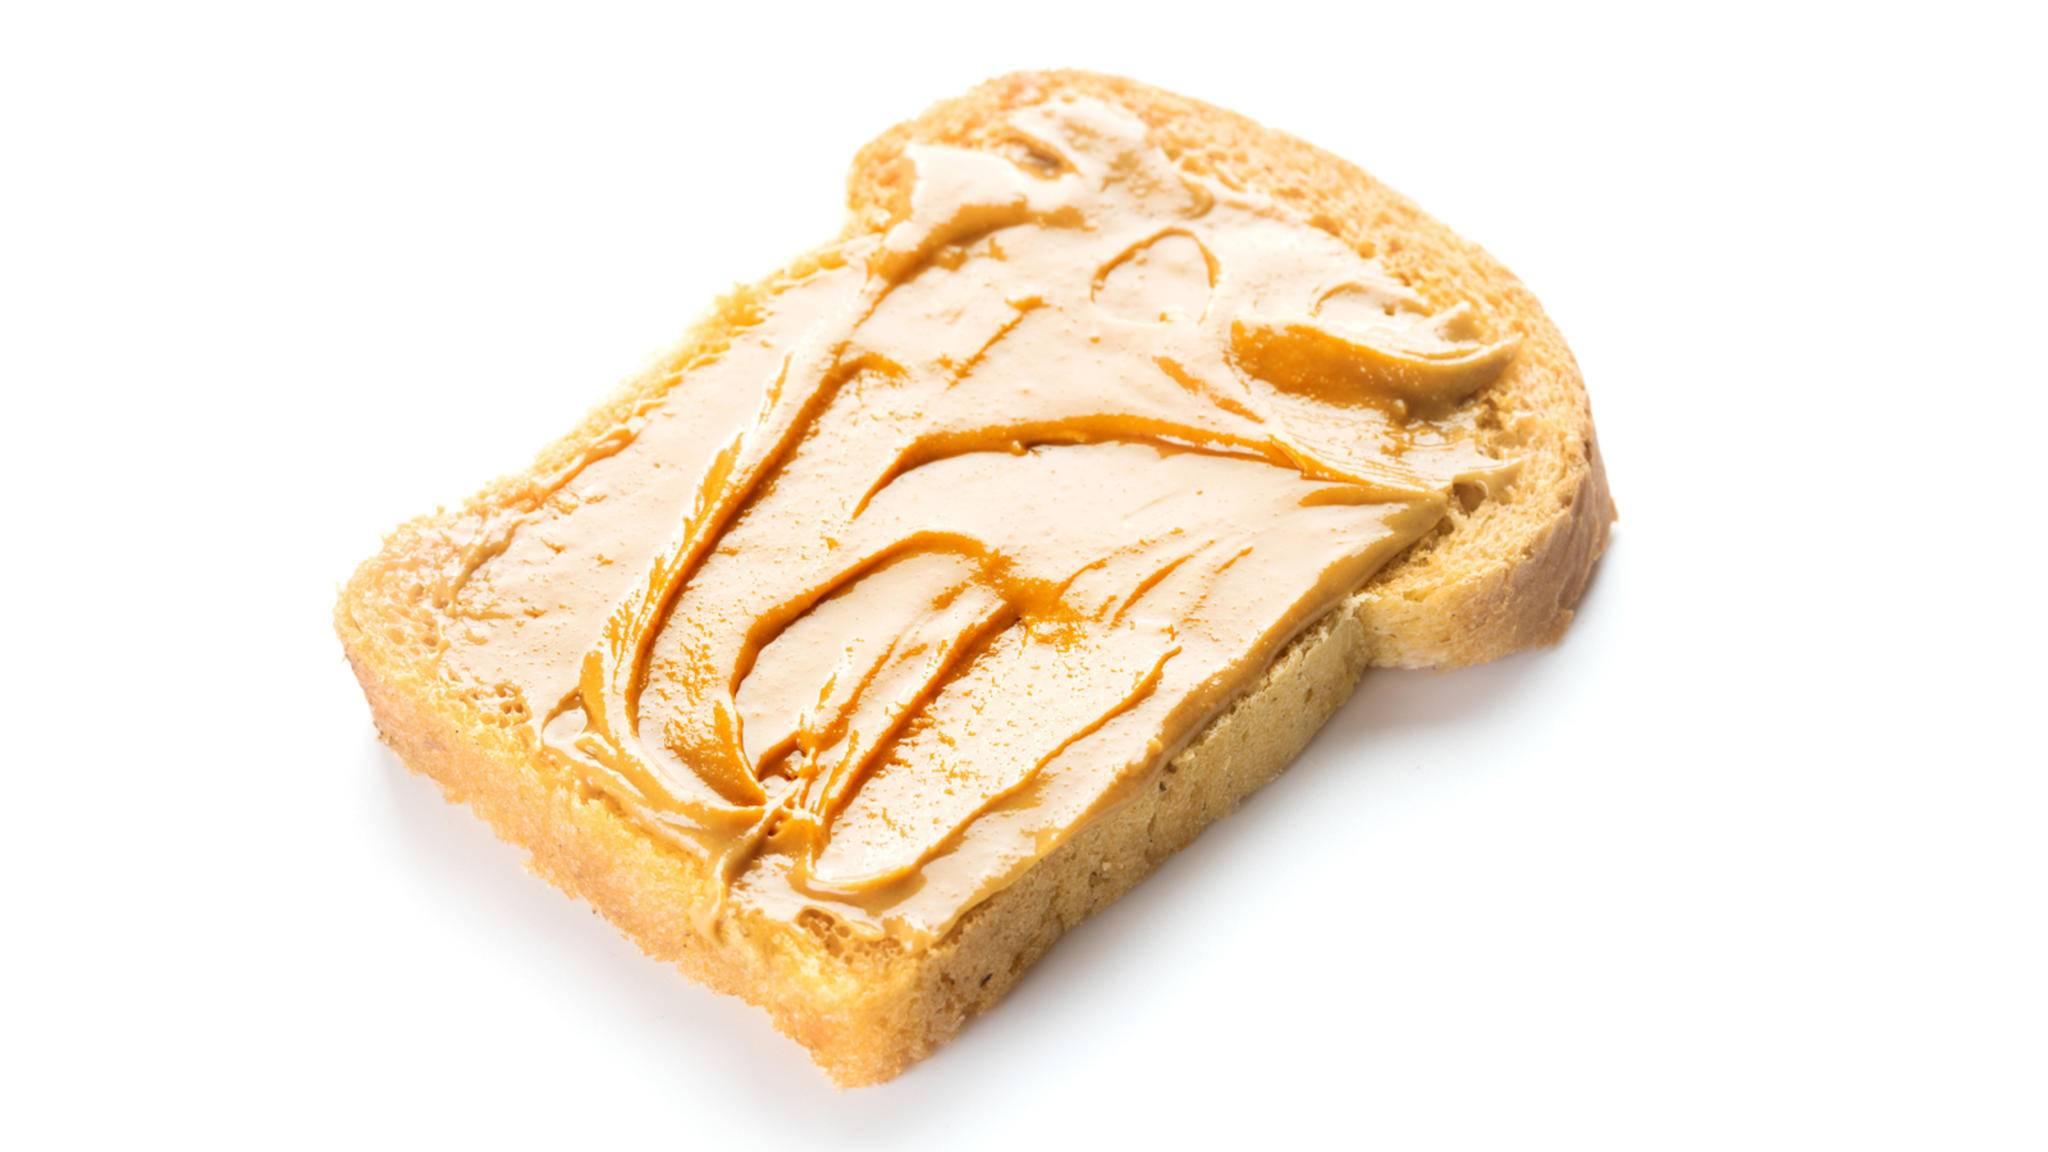 Käse und Marmelade waren gestern: In Japan kommt jetzt Kaffeebutter aufs Brot.